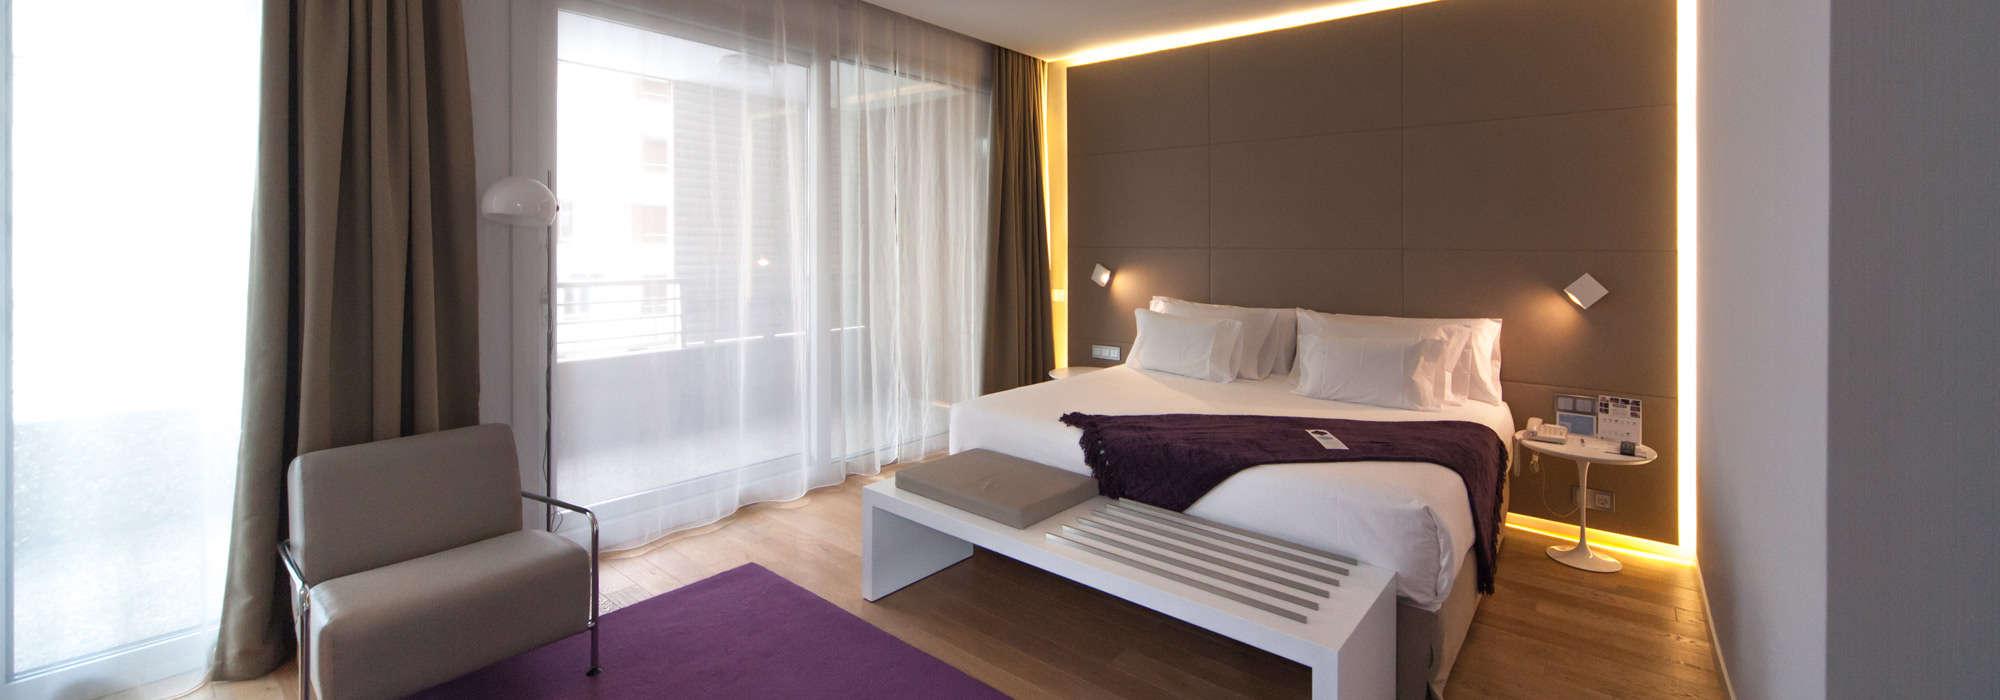 Illuminazione Facciate Hotel: Illuminazione facciate hotel le atmosfere luminose per il giardino.